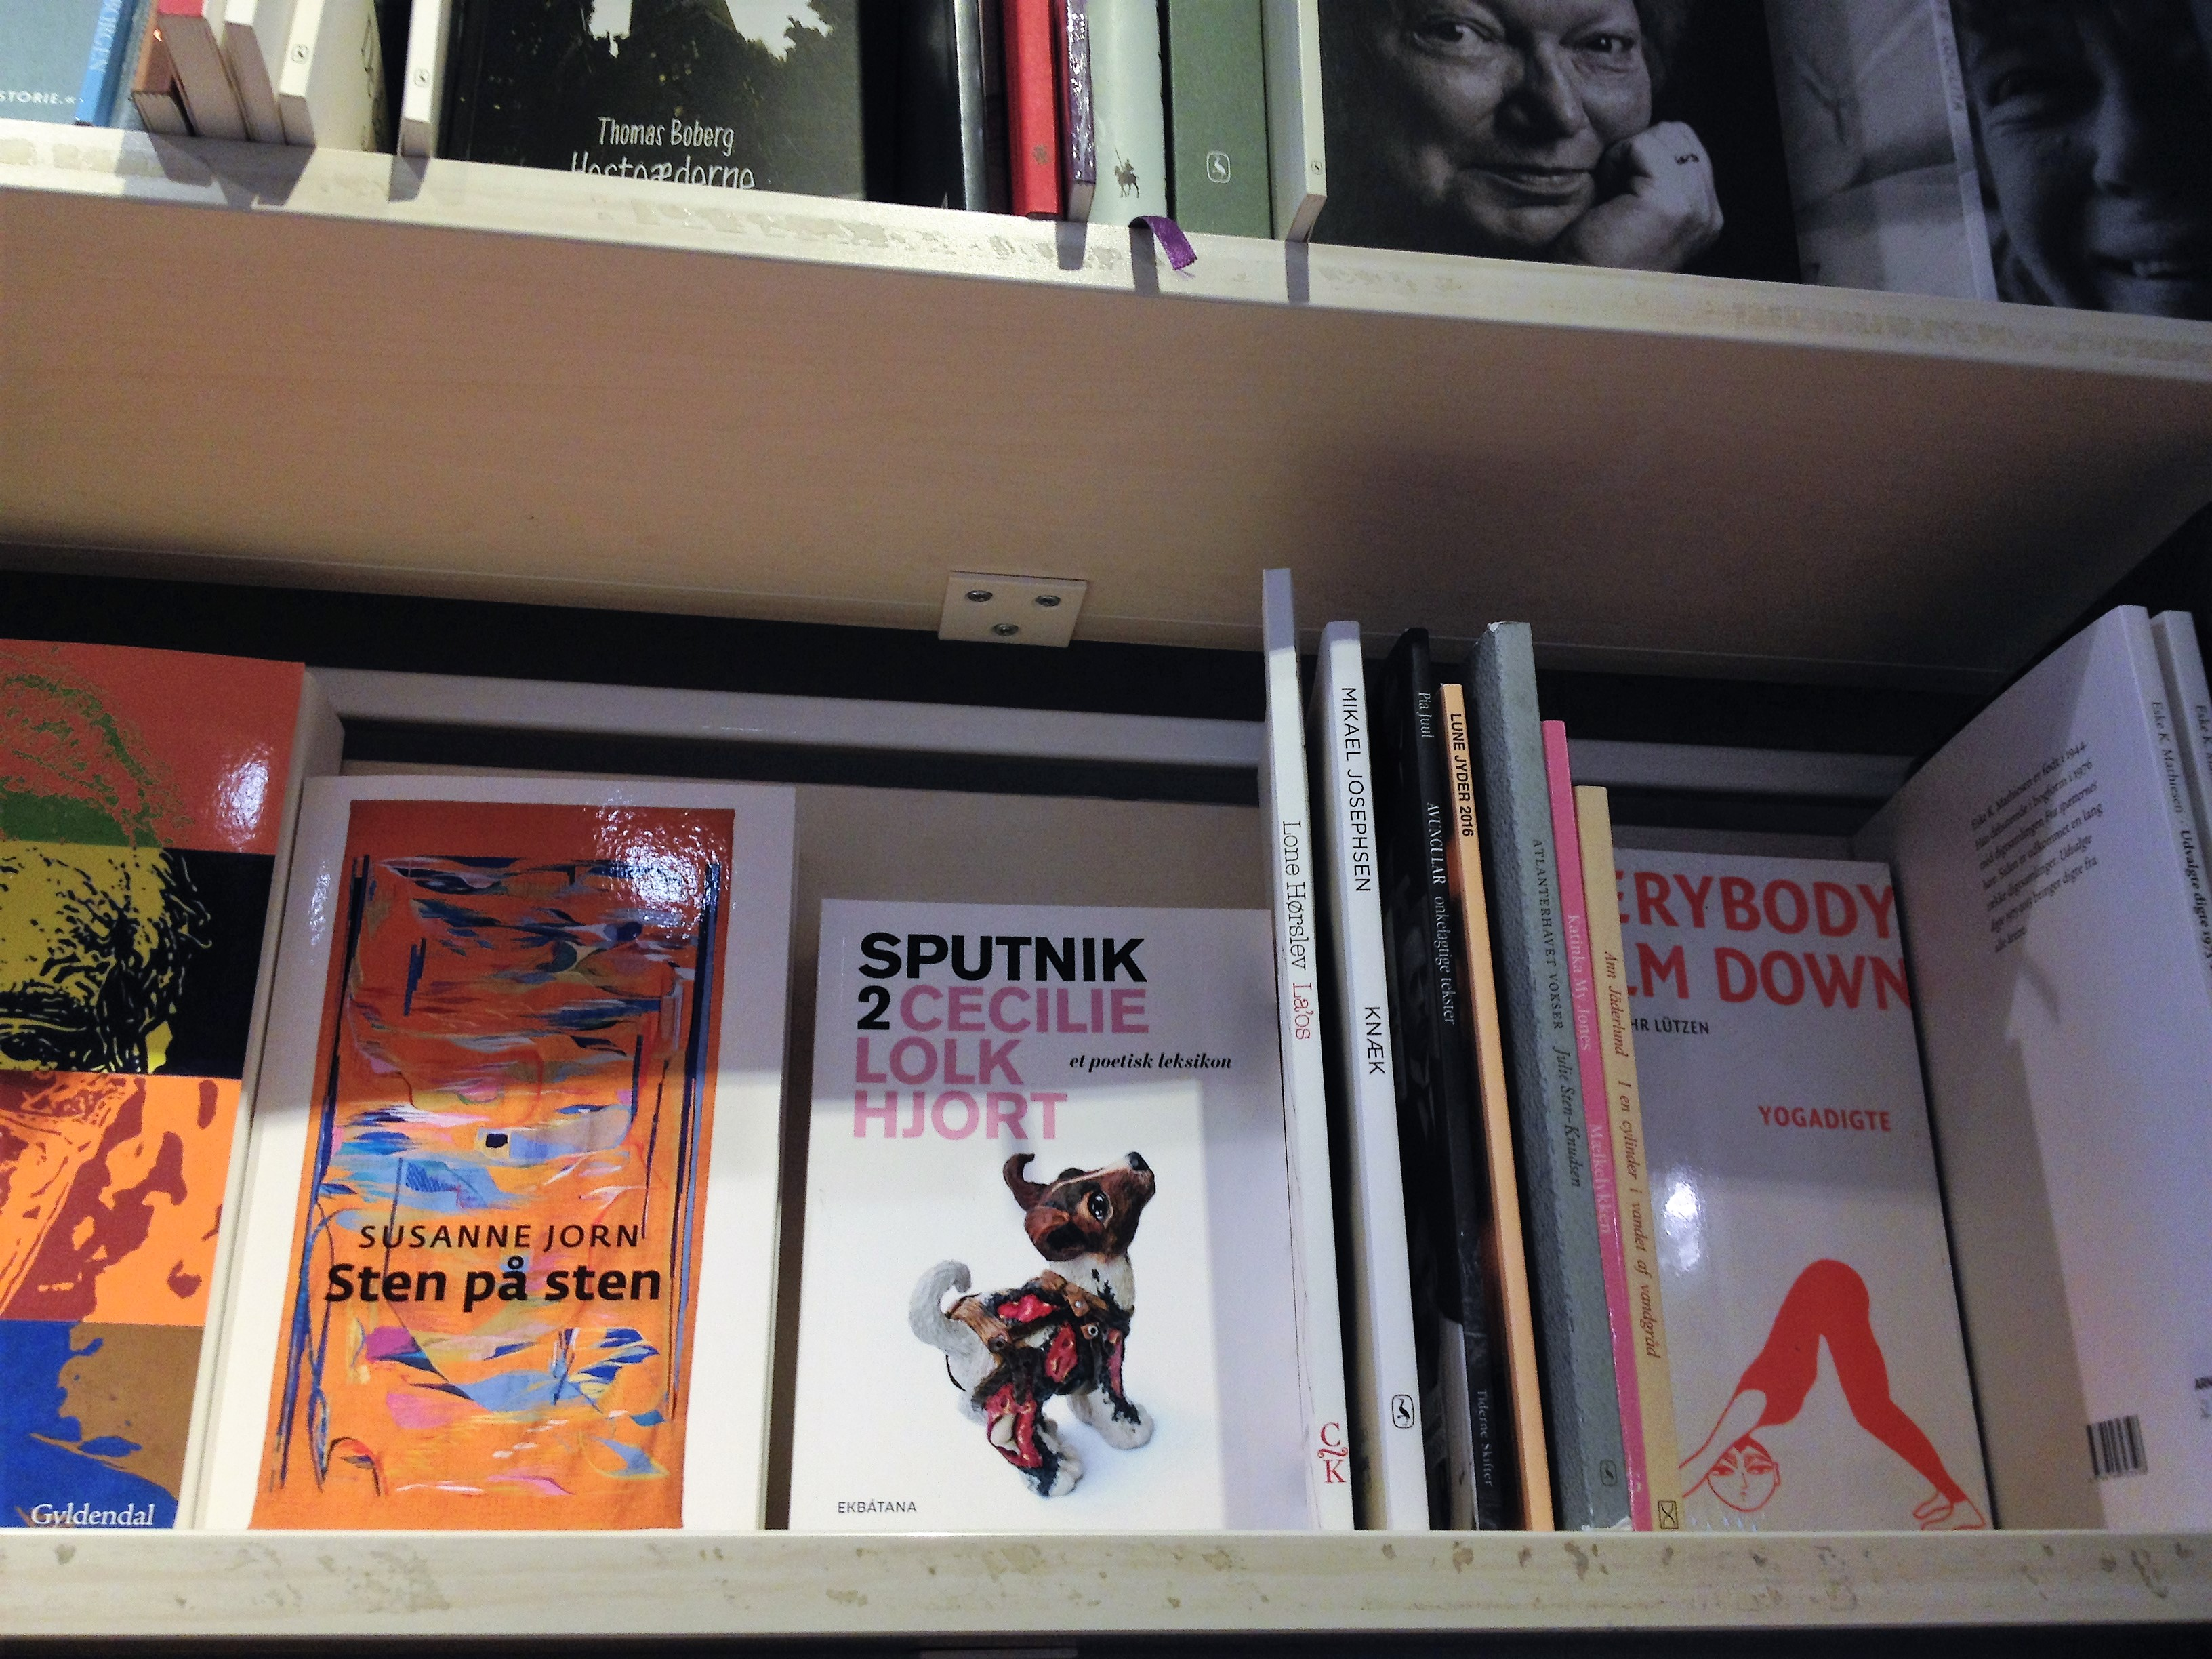 poetisk leksikon, arnold busck, Sputnik 2, Cecilie lolk hjort